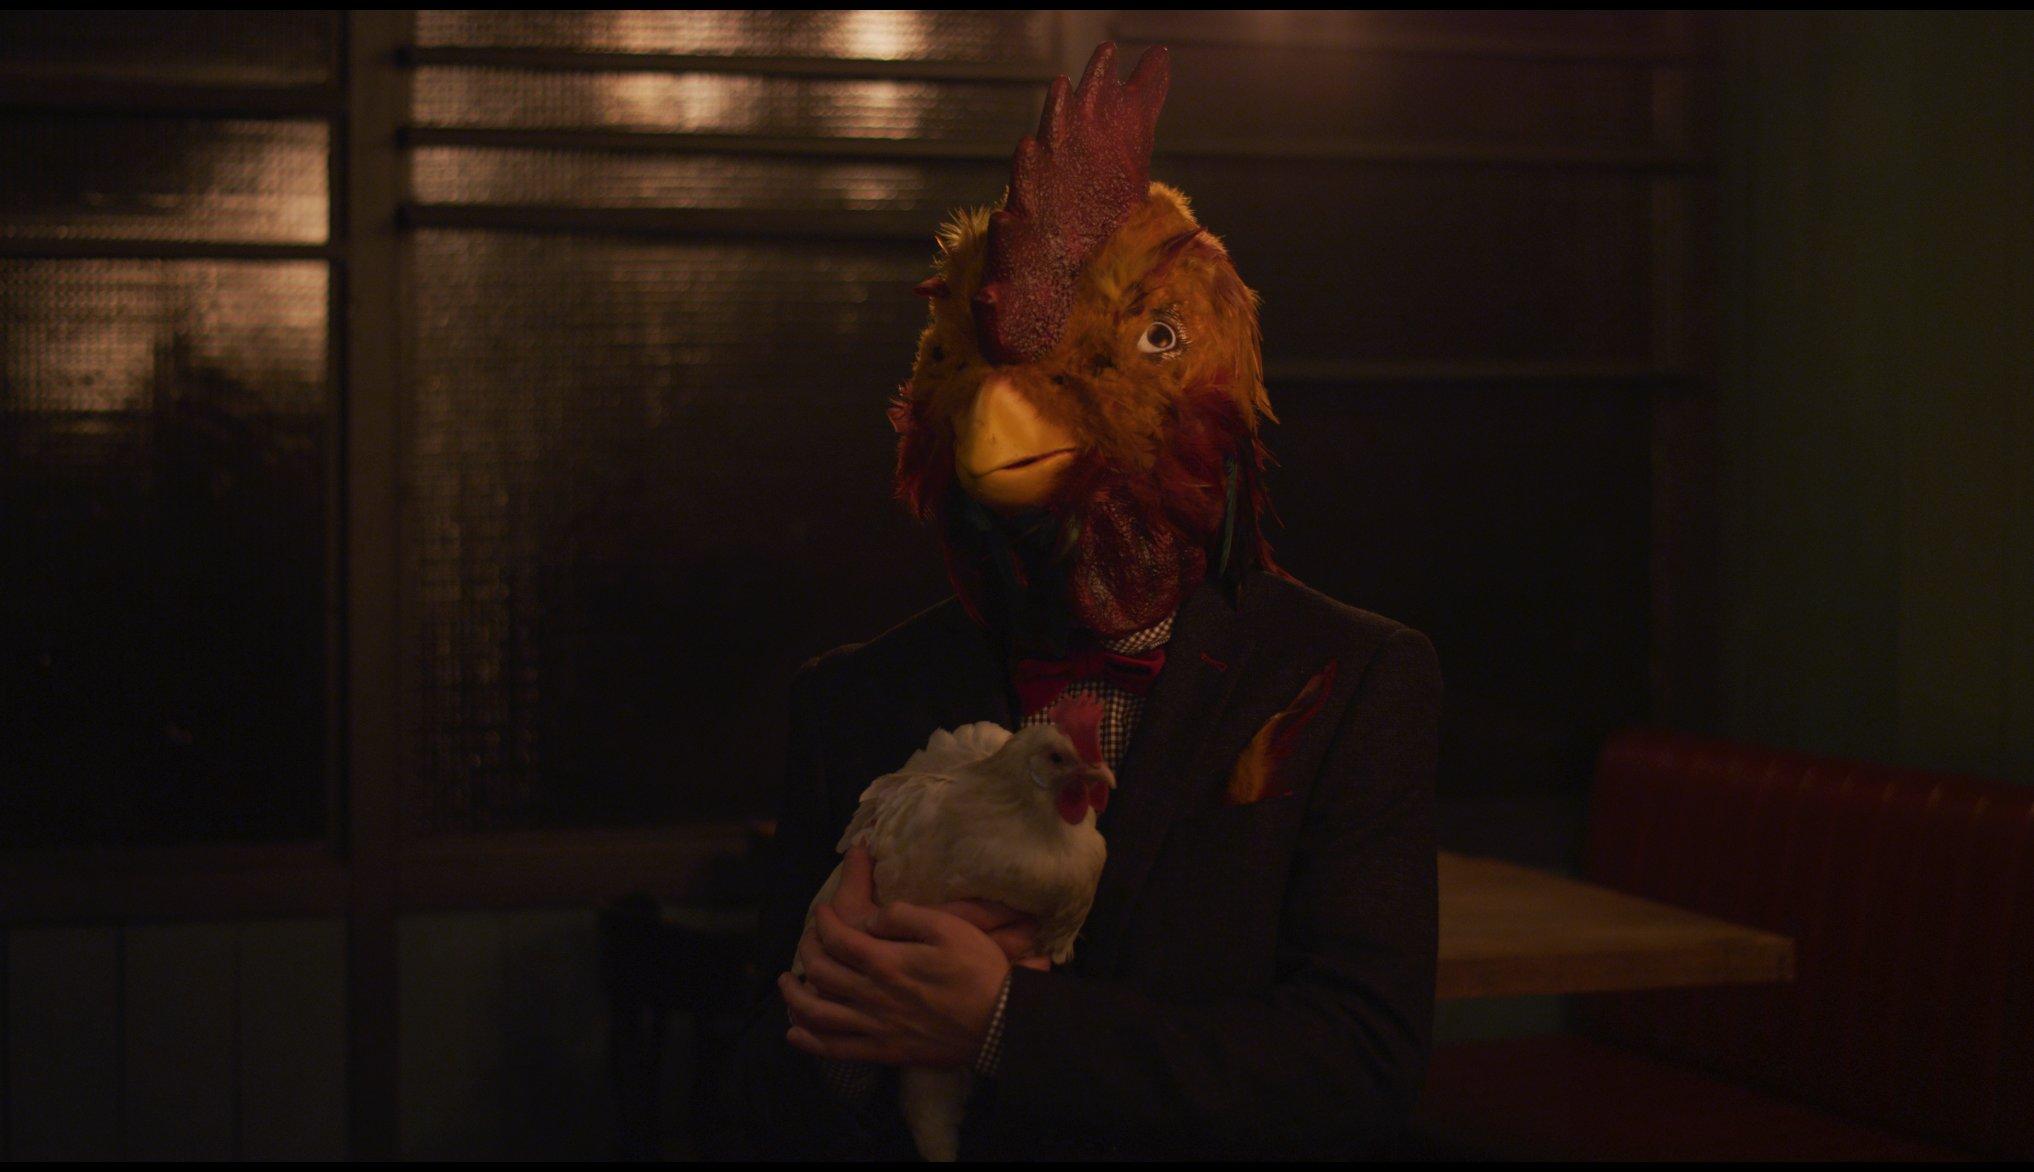 Дважды Лучше Scotch Egg Club клуб любителей скотча дюарс петух человек с курицей и петушиной головой коктейль в баре